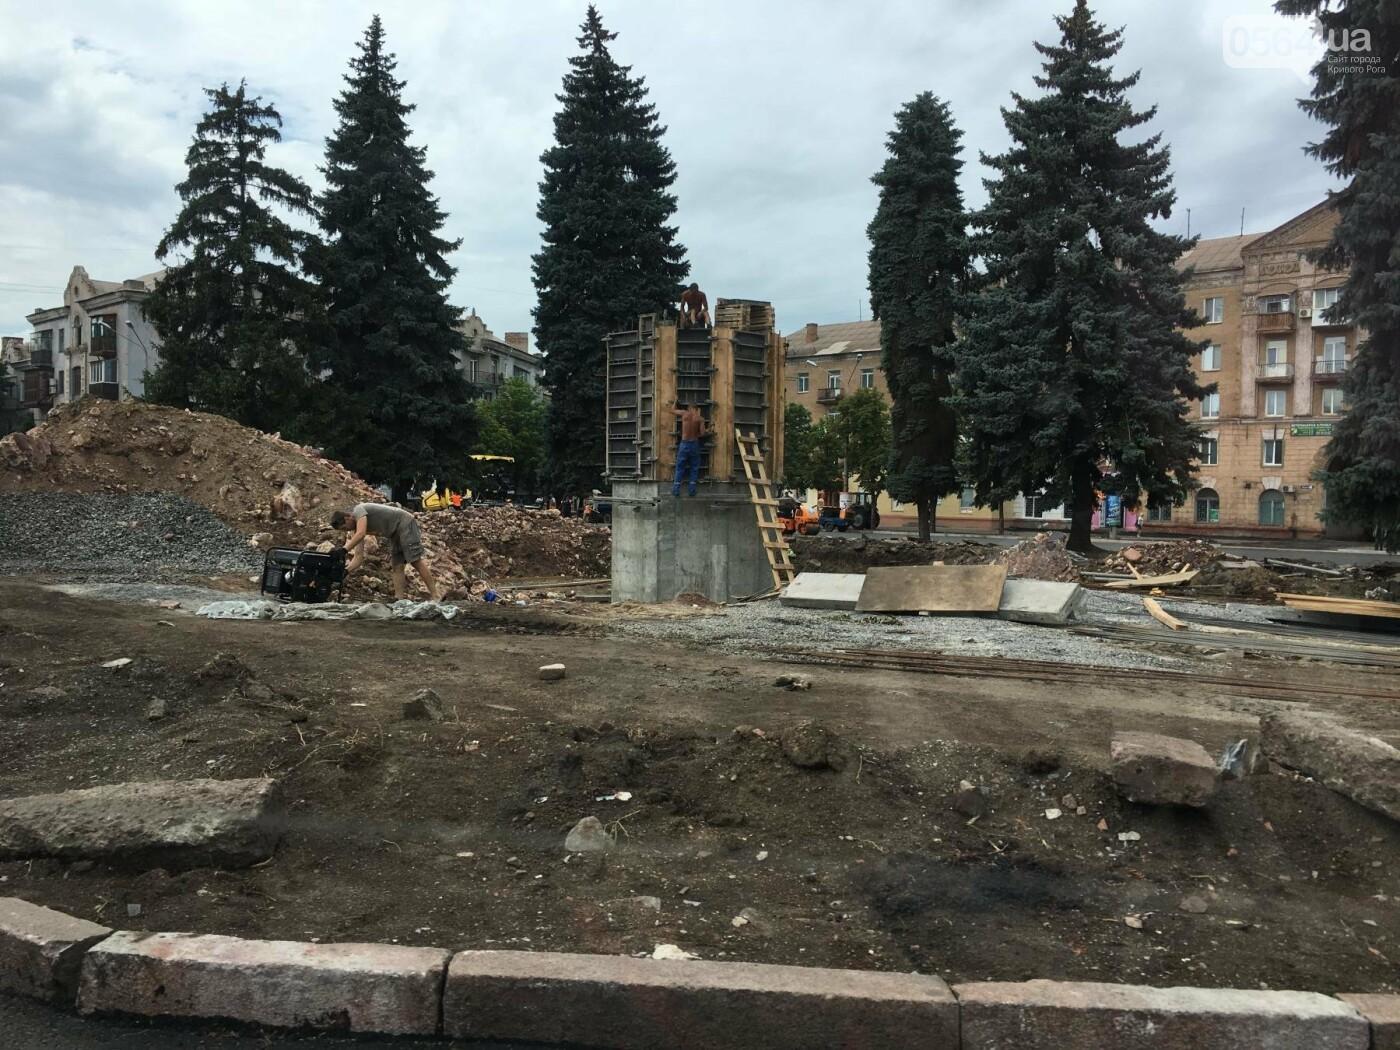 В Кривом Роге не успеют установить памятник князю Владимиру до празднования 1030-летия крещения Киевской Руси, фото-6